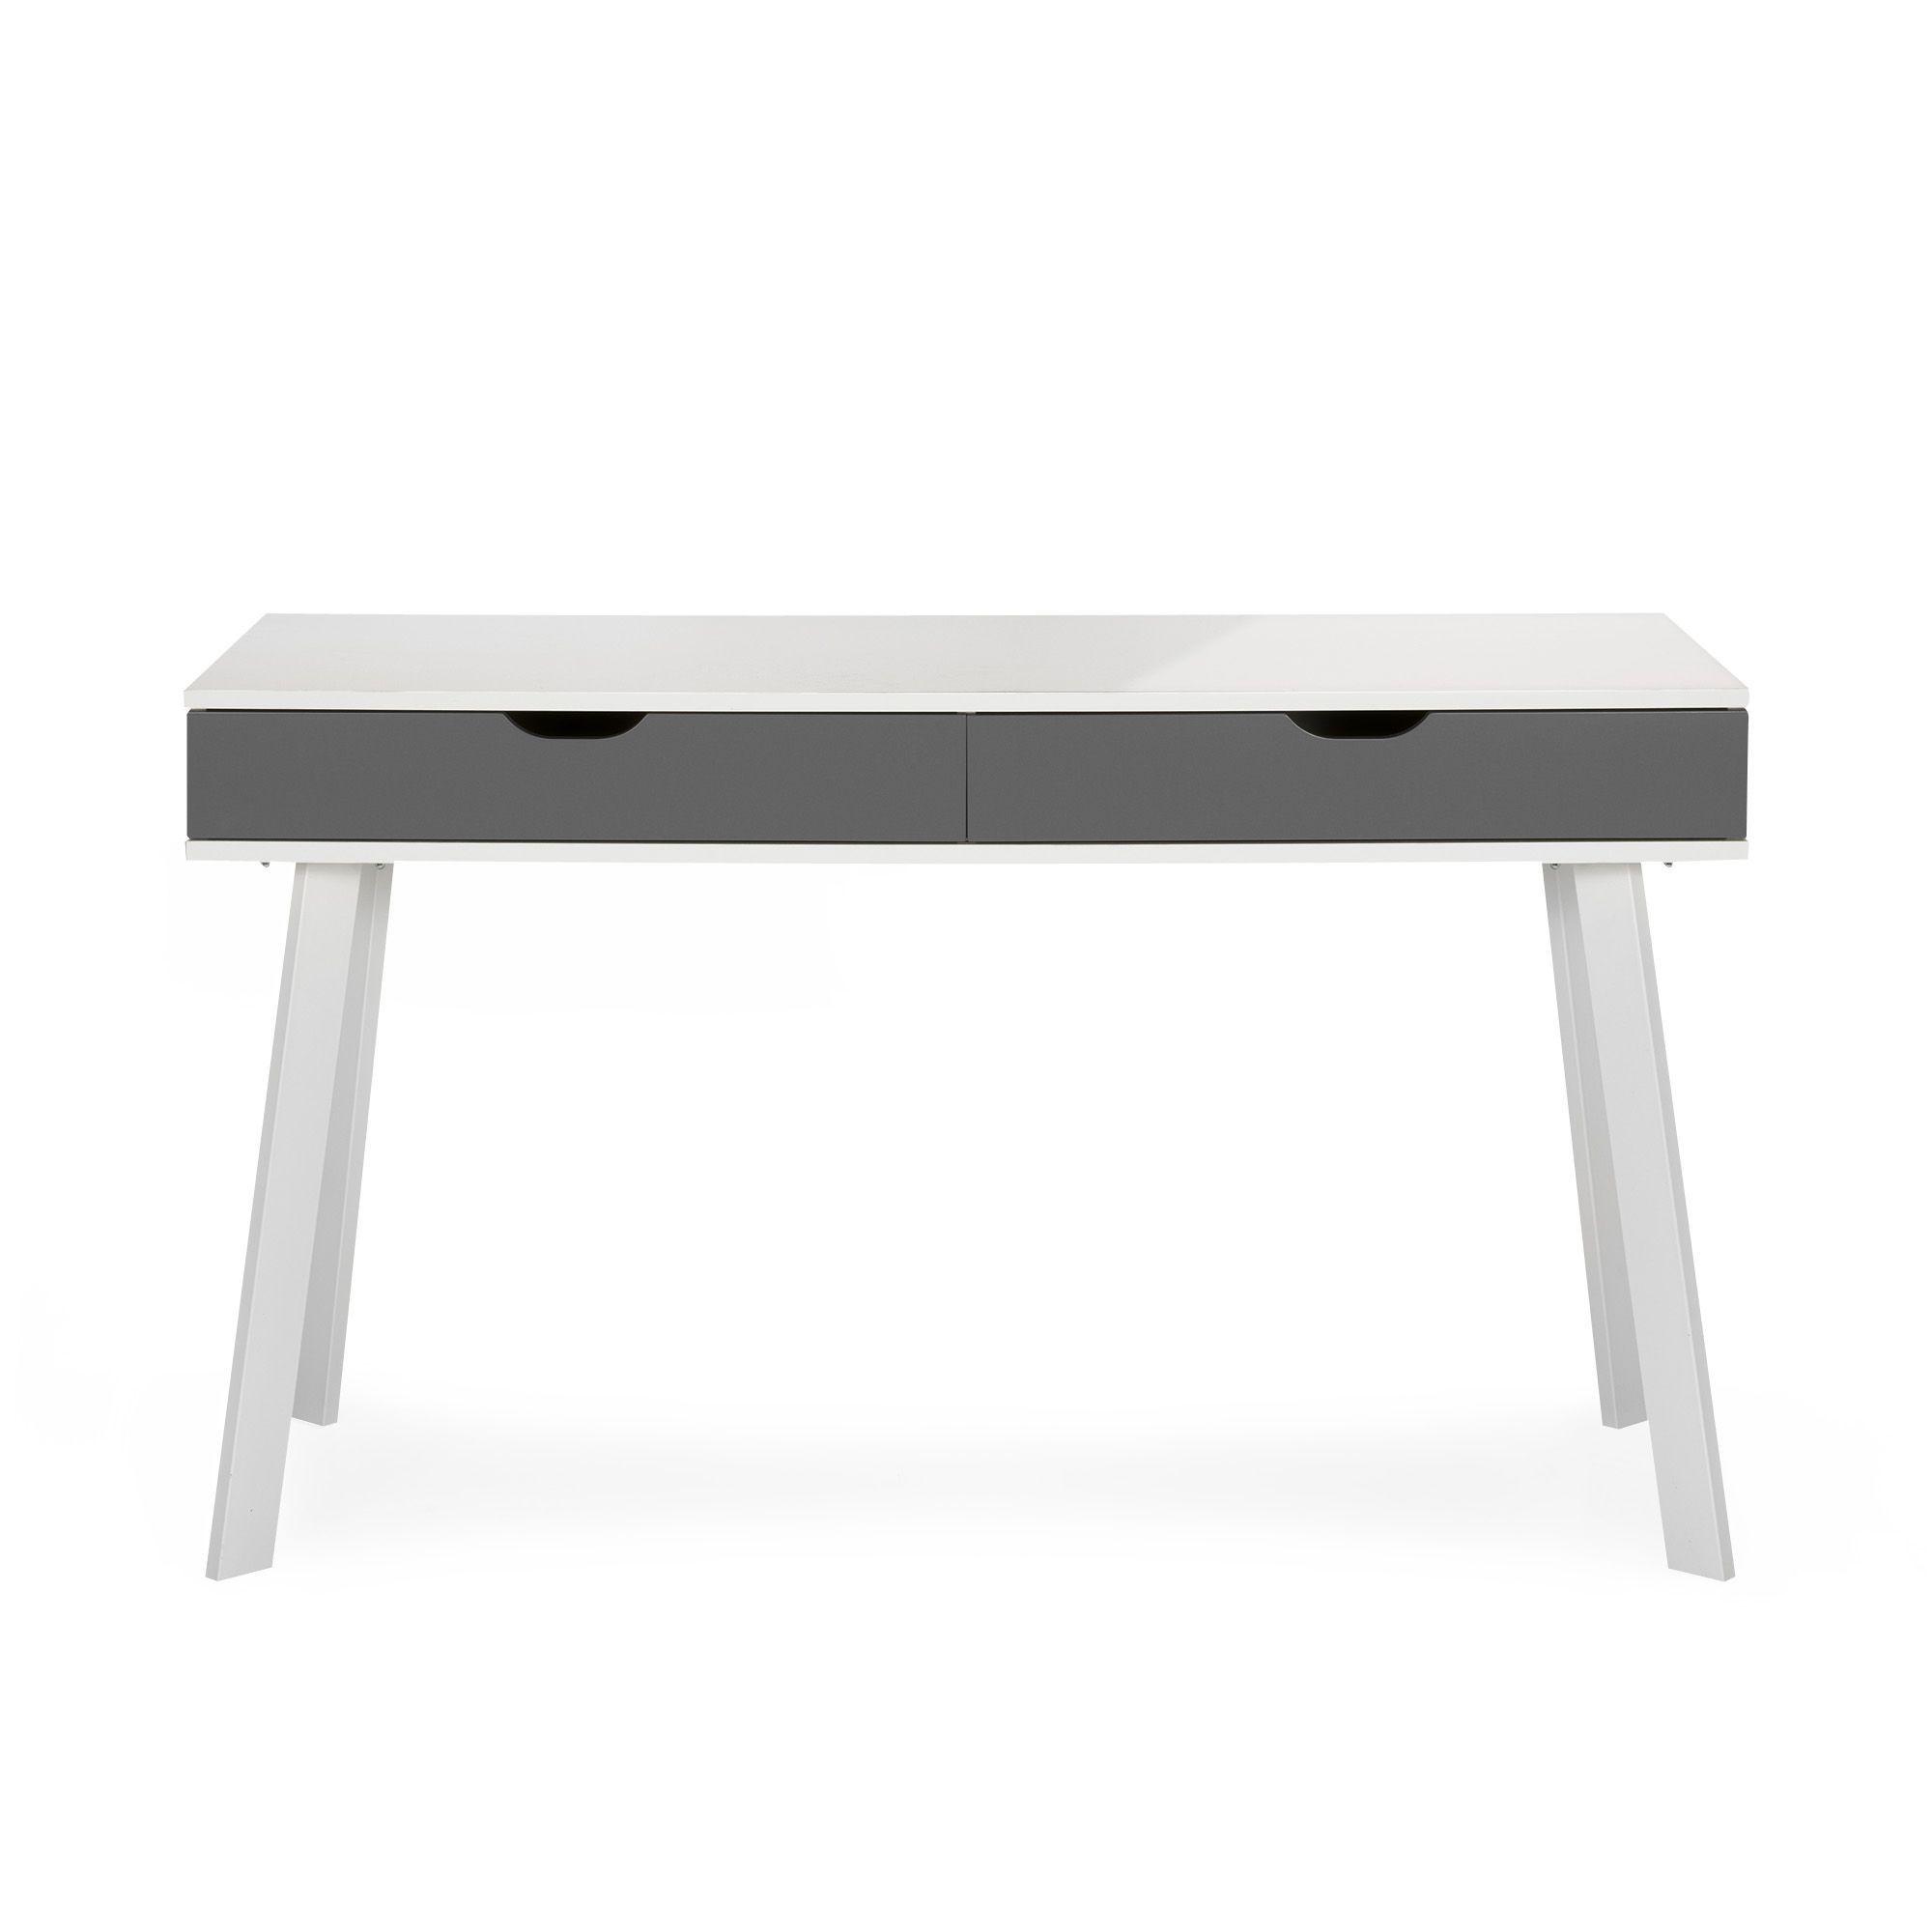 bureau style scandinave tiroirs gris taupe aquila les bureaux adultes les bureaux